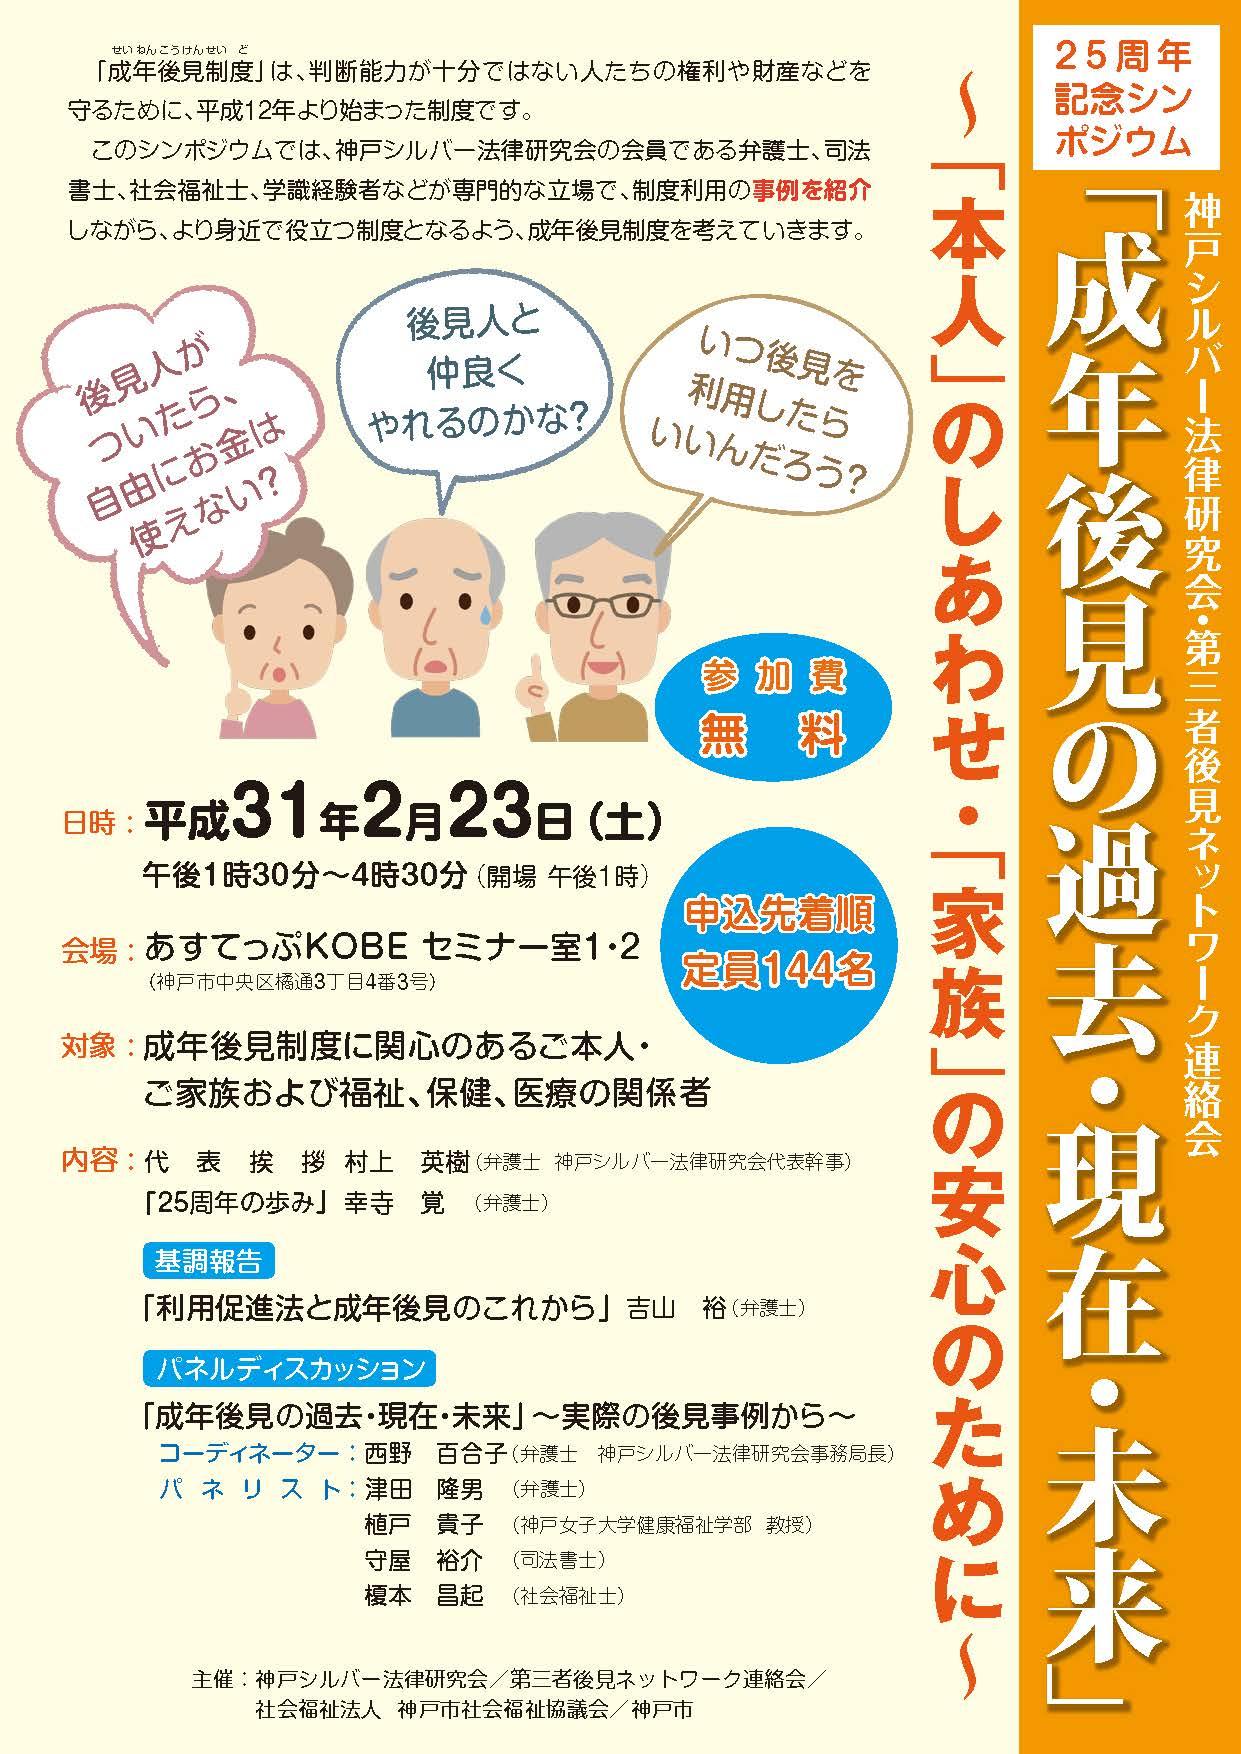 2月23日 成年後見シンポジウム(神戸シルバー法律研究会)